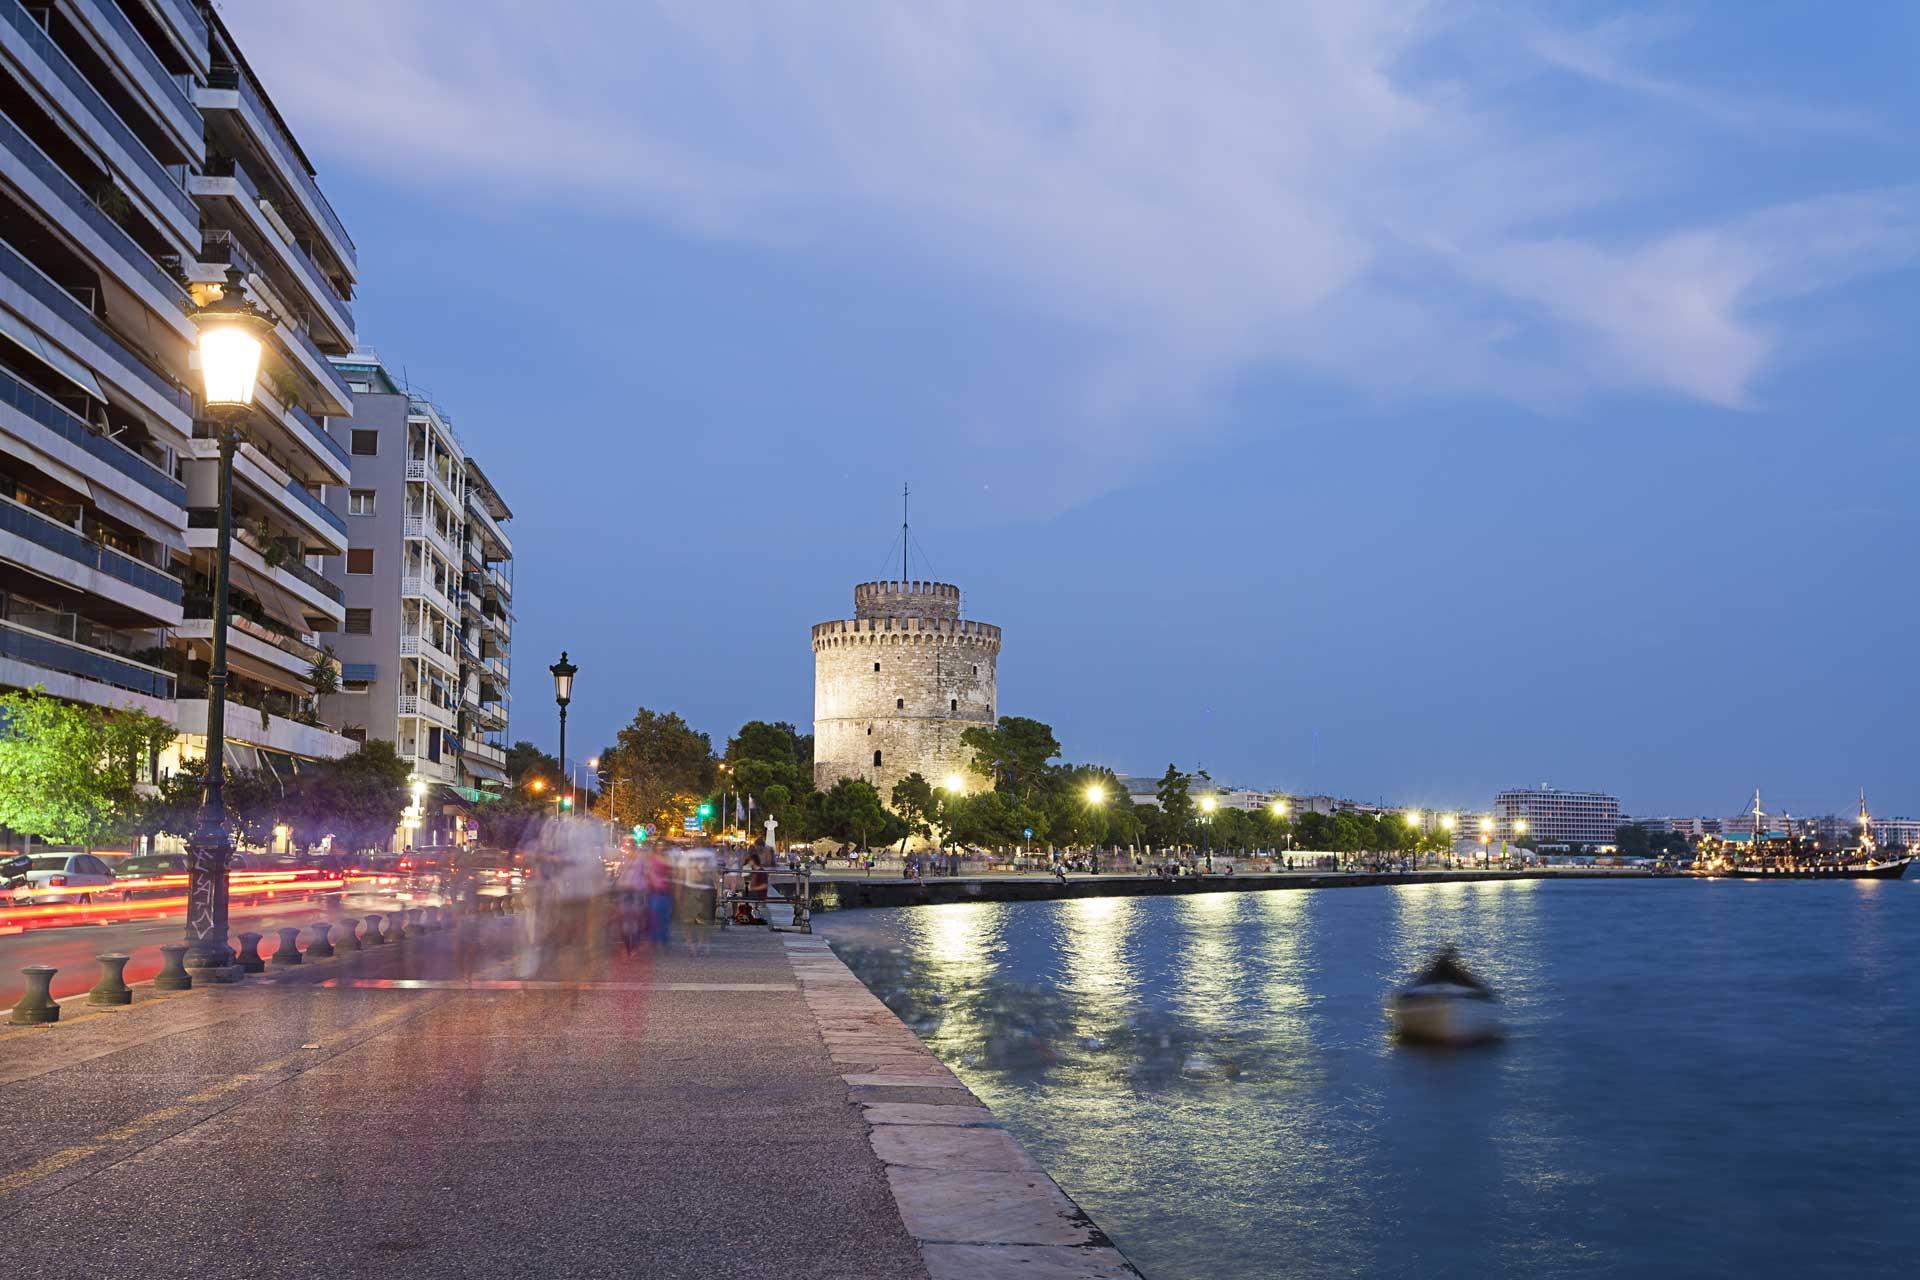 Απόδραση στη Θεσσαλονίκη για το τριήμερο της 28ης Οκτωβρίου! Δείτε τι μπορείτε ΝΑ ΚΑΝΕΤΕ!!!